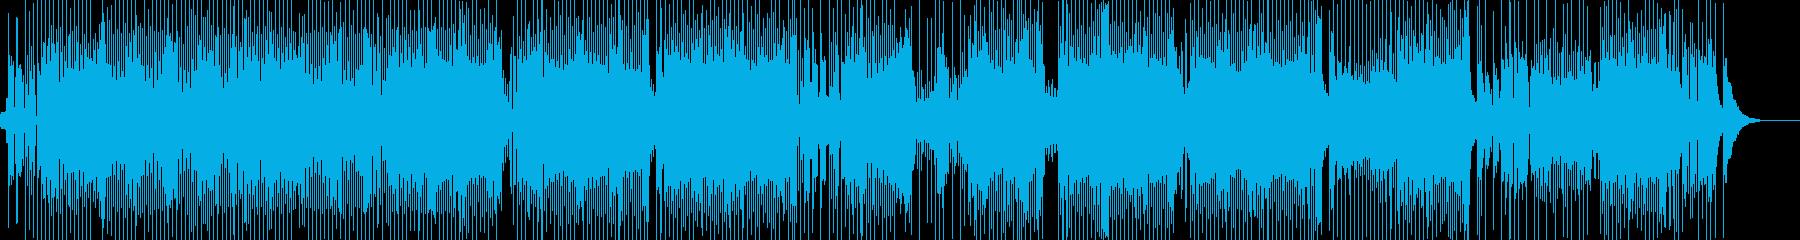 楽しく気分が弾むカントリー Bの再生済みの波形